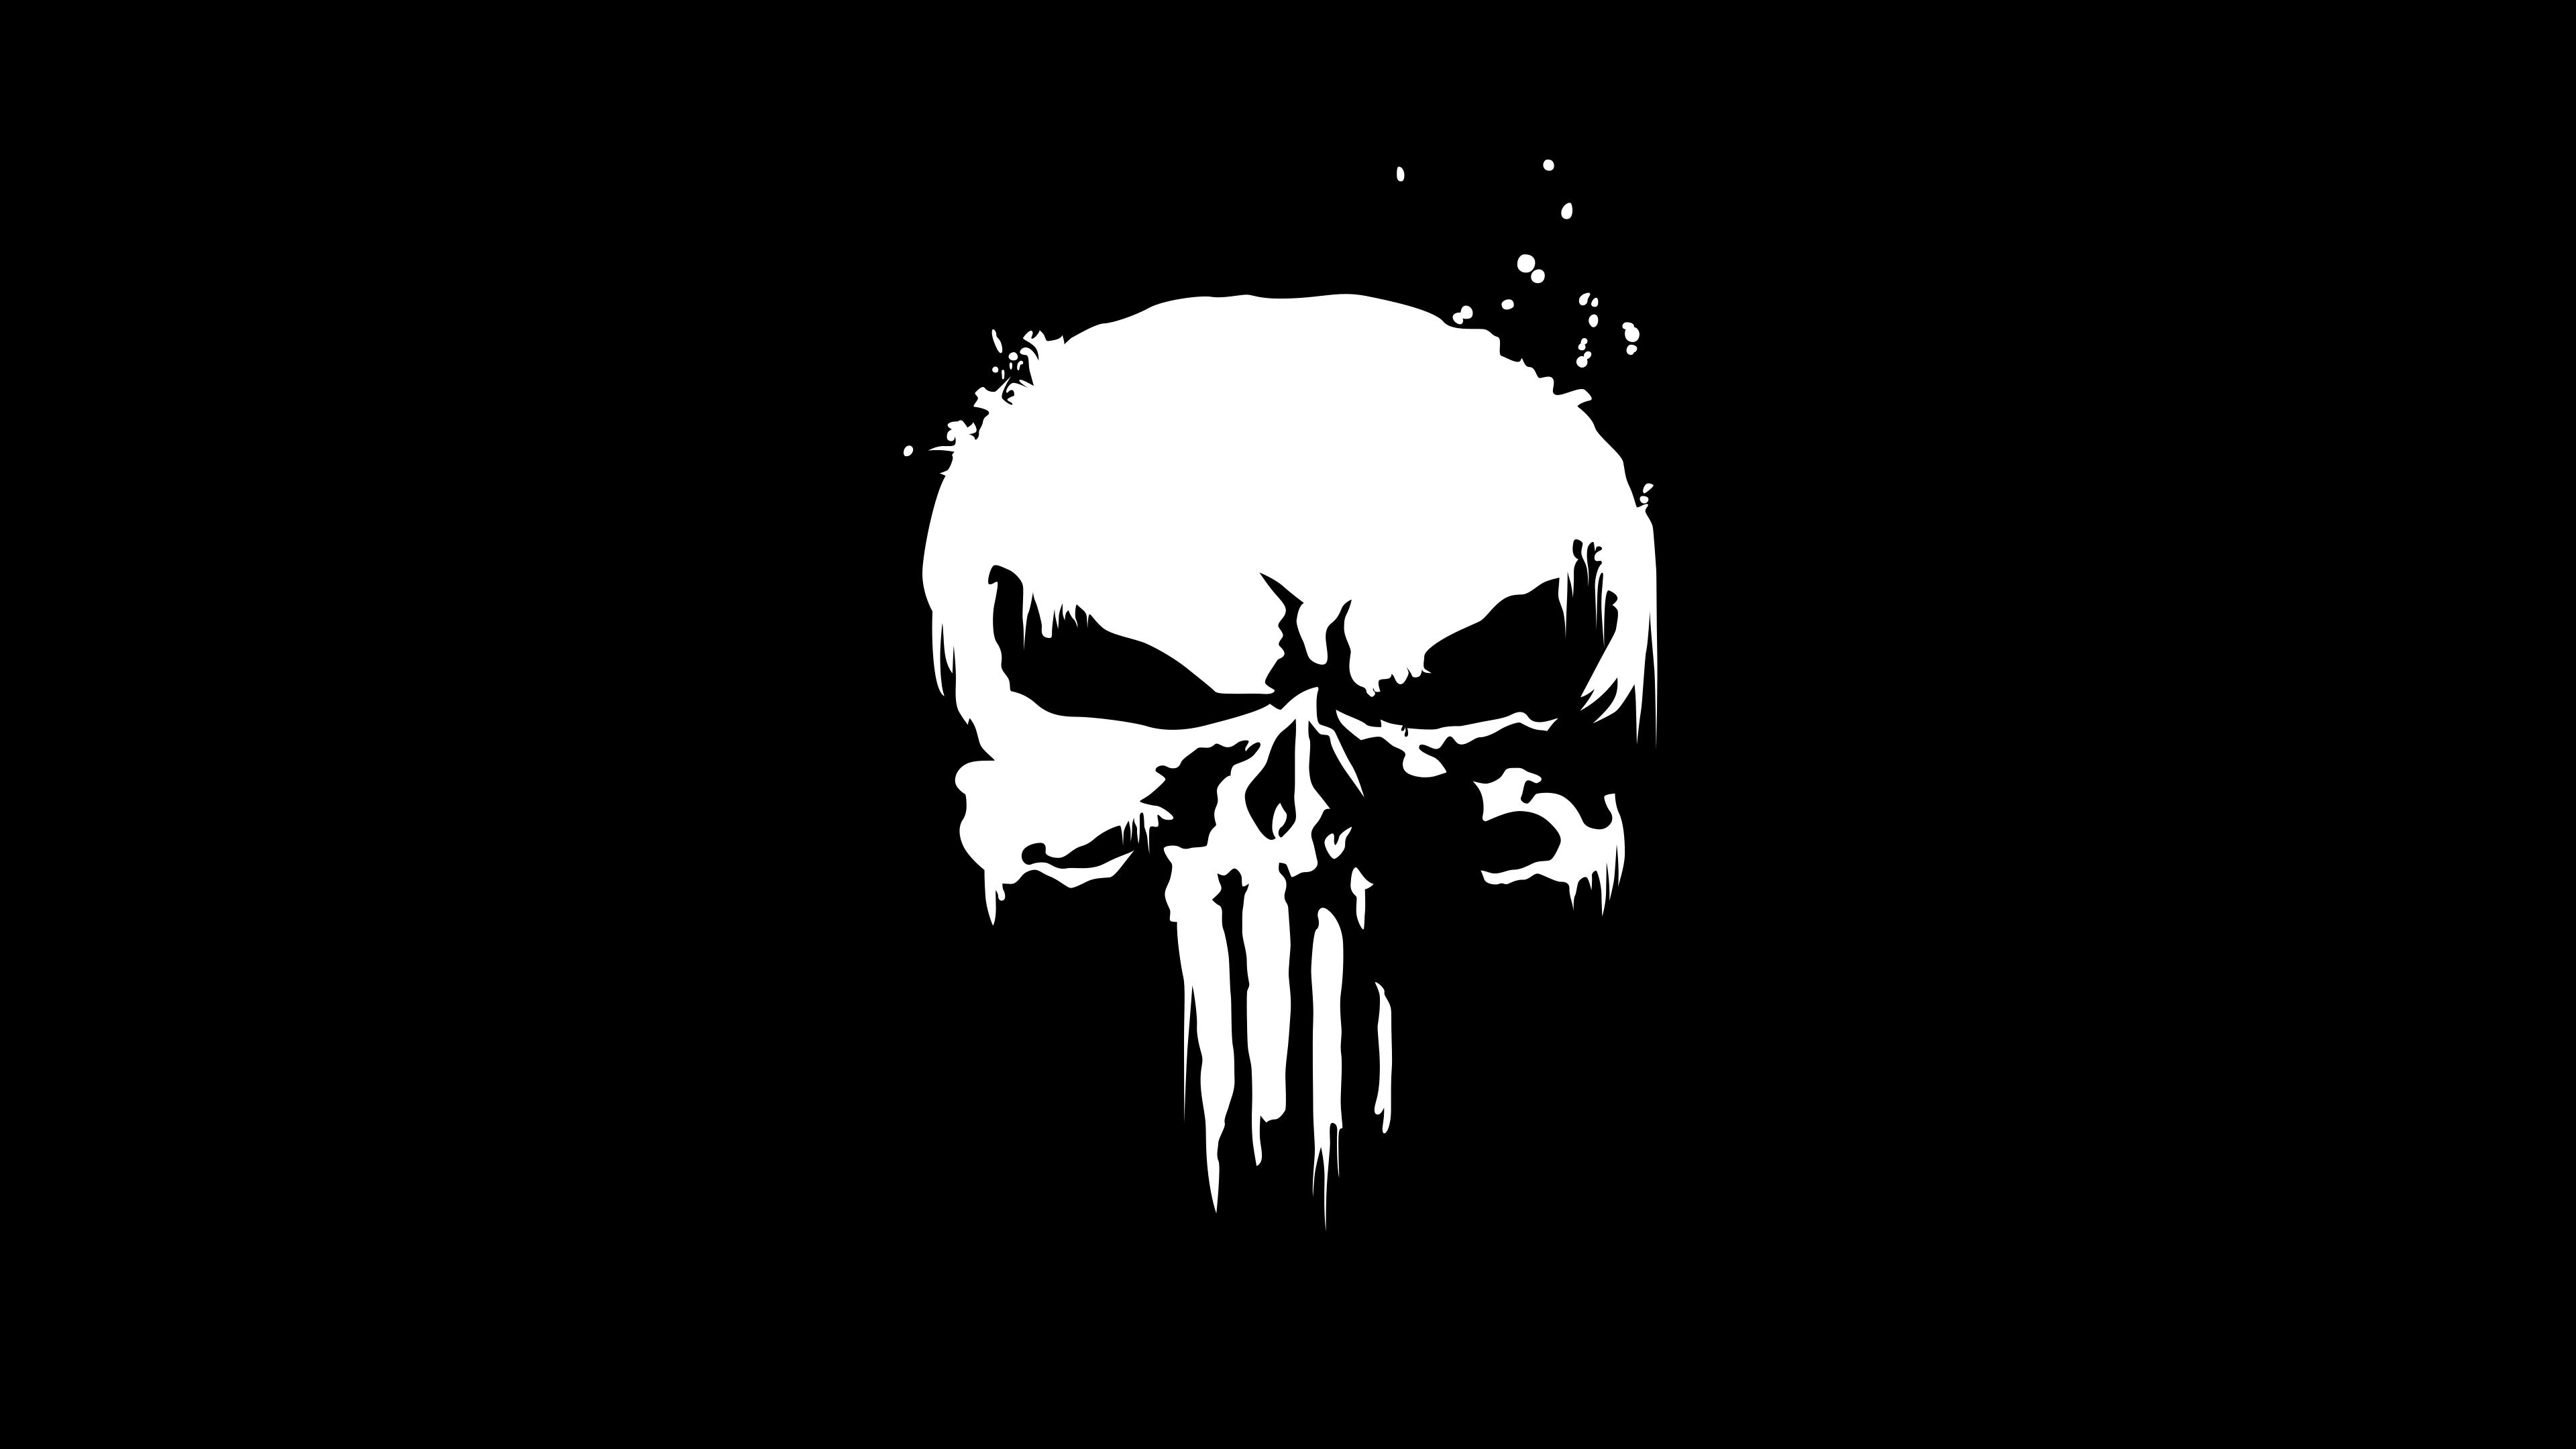 5100237 #4K, #Dark background, #Logo, #Punisher, #Skull.